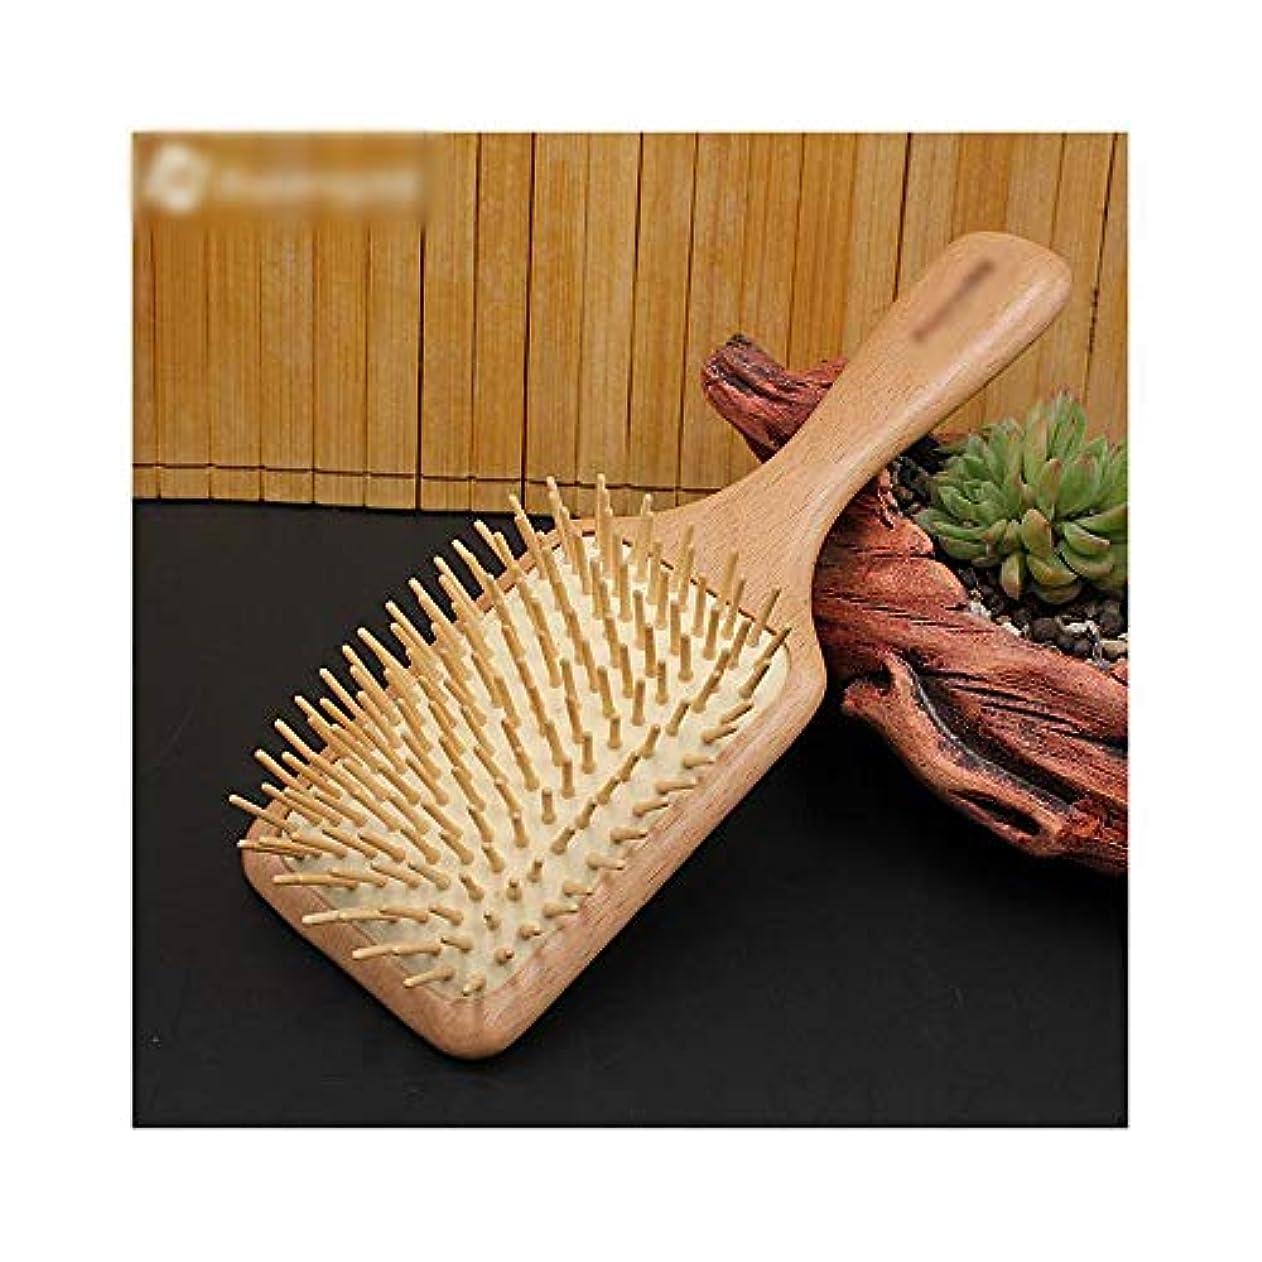 筋乱用大工Fashian木製ヘアブラシ、ブナくしエアバッグマッサージくし木製ヘアブラシ ヘアケア (色 : Square)